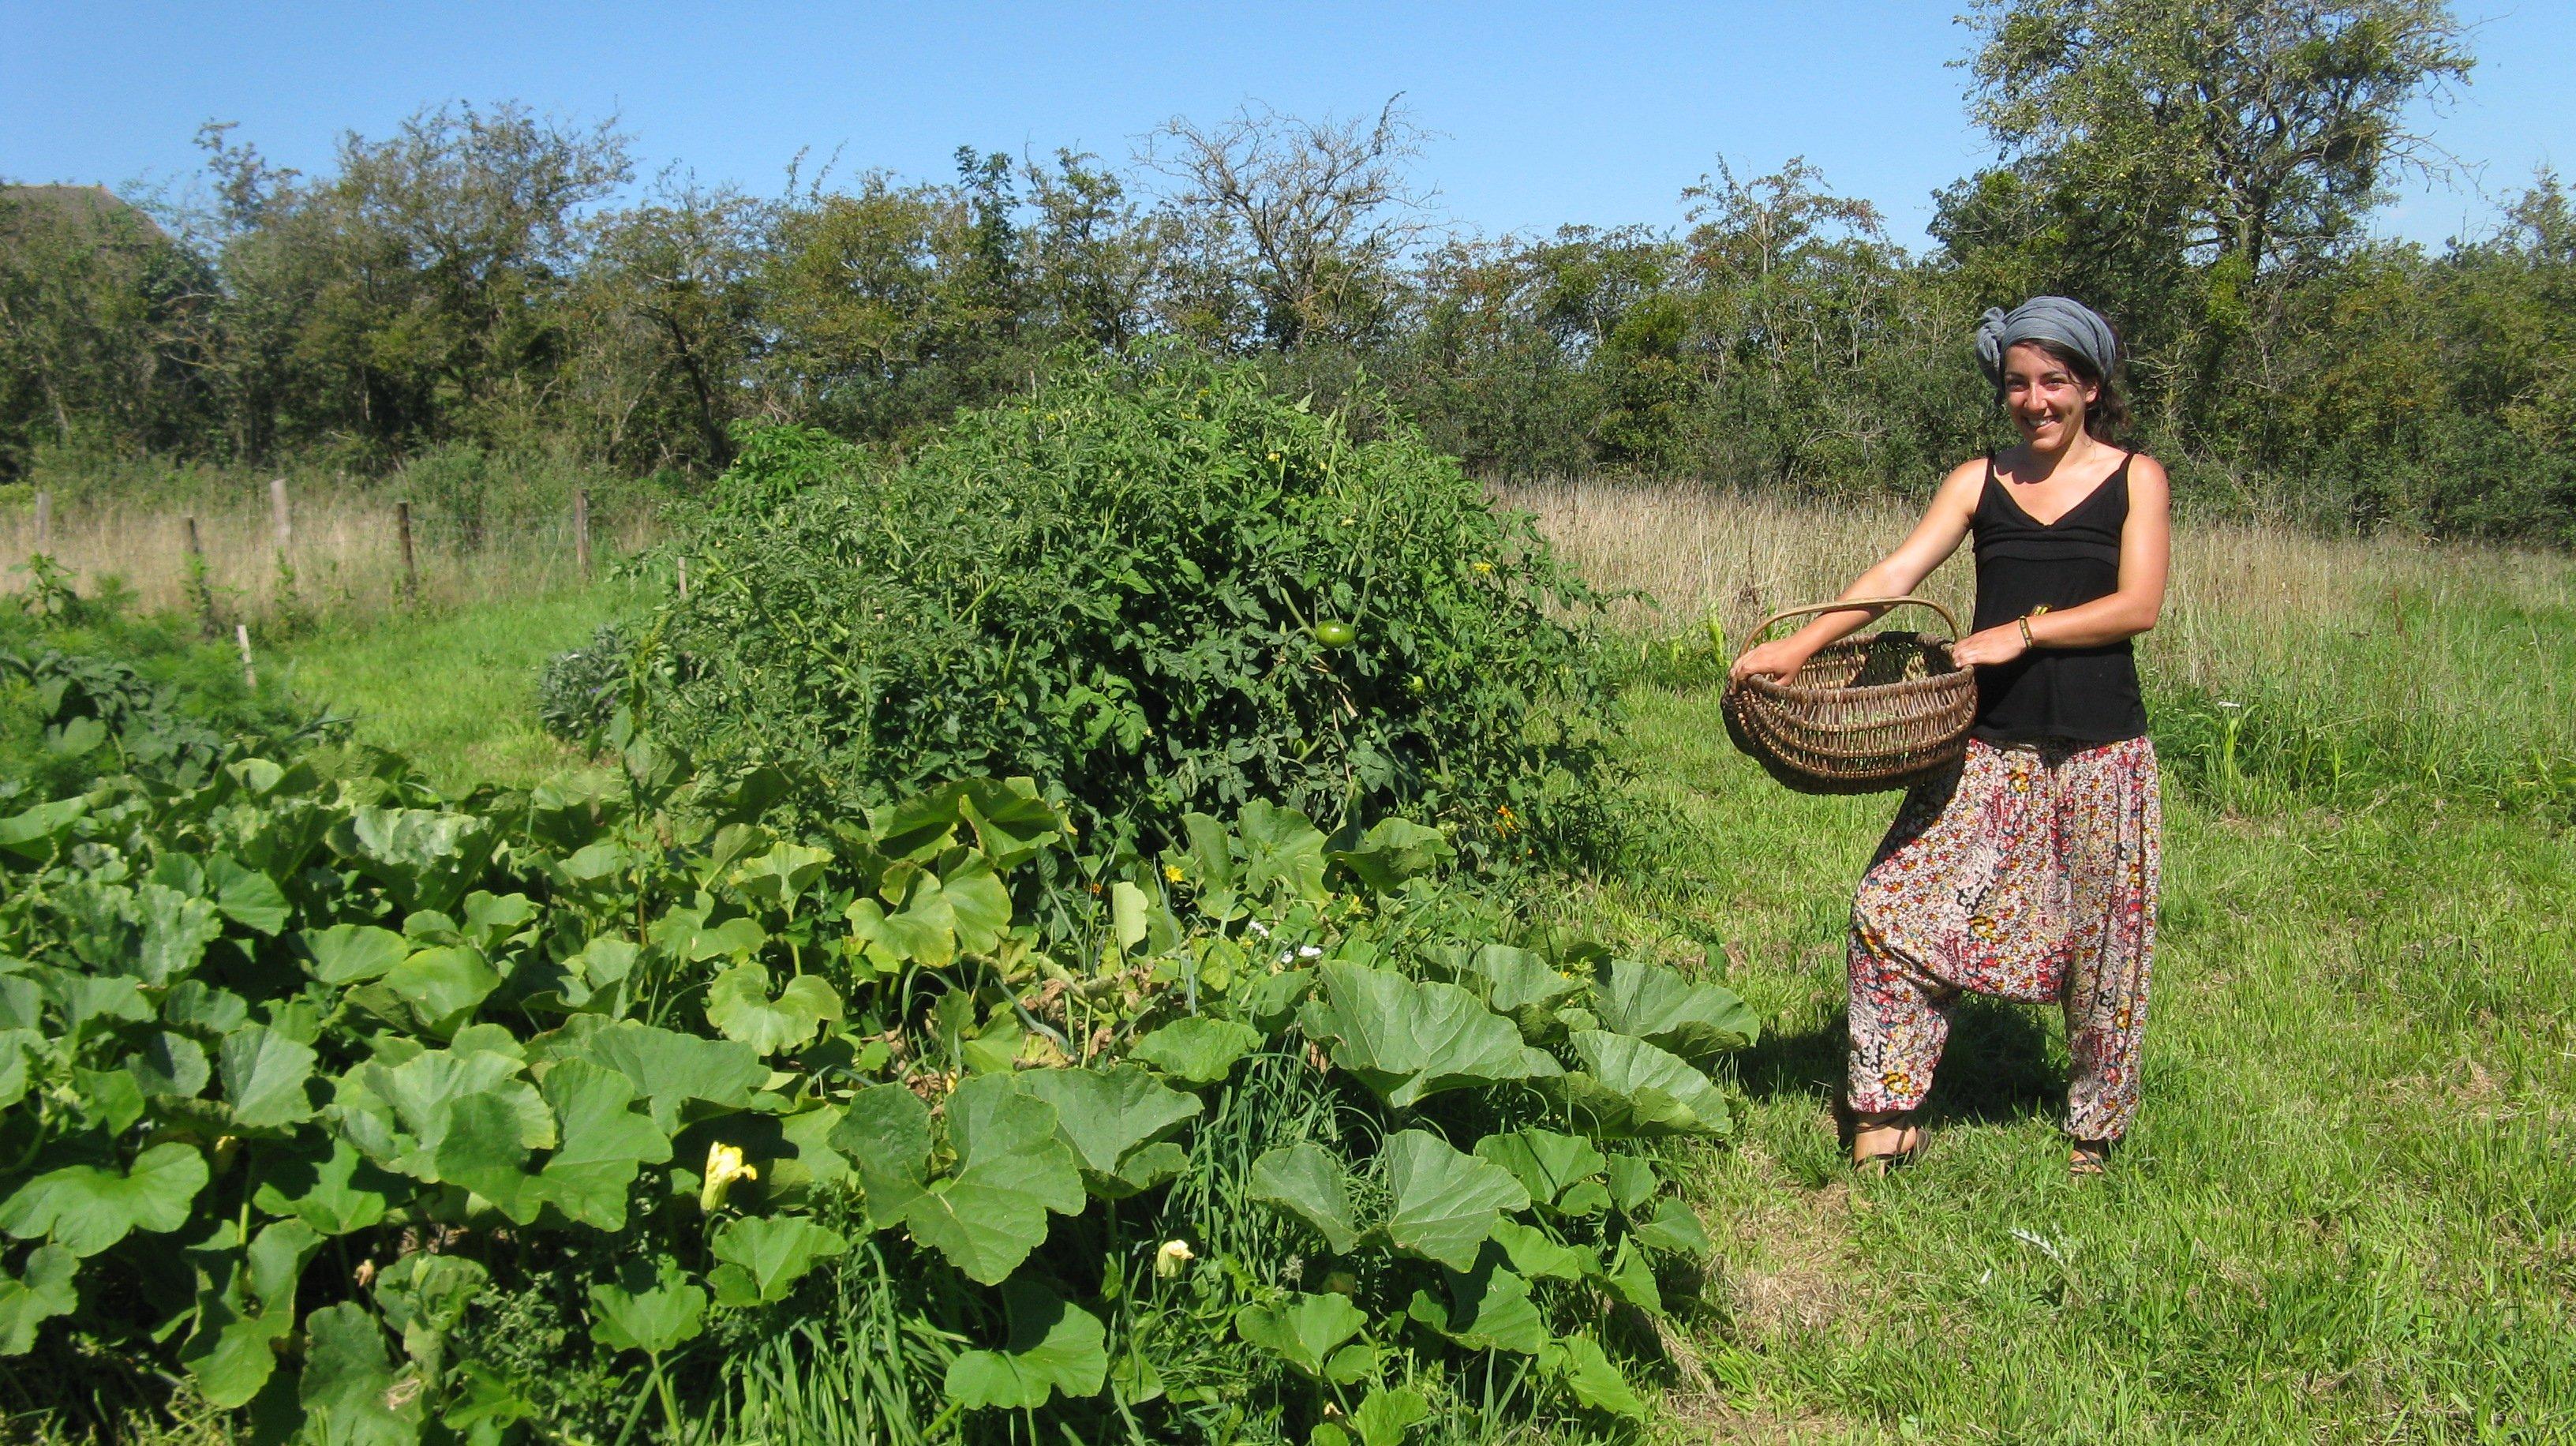 Petit r sum de 2 ans et demi au cap des ailes for Permaculture petit jardin